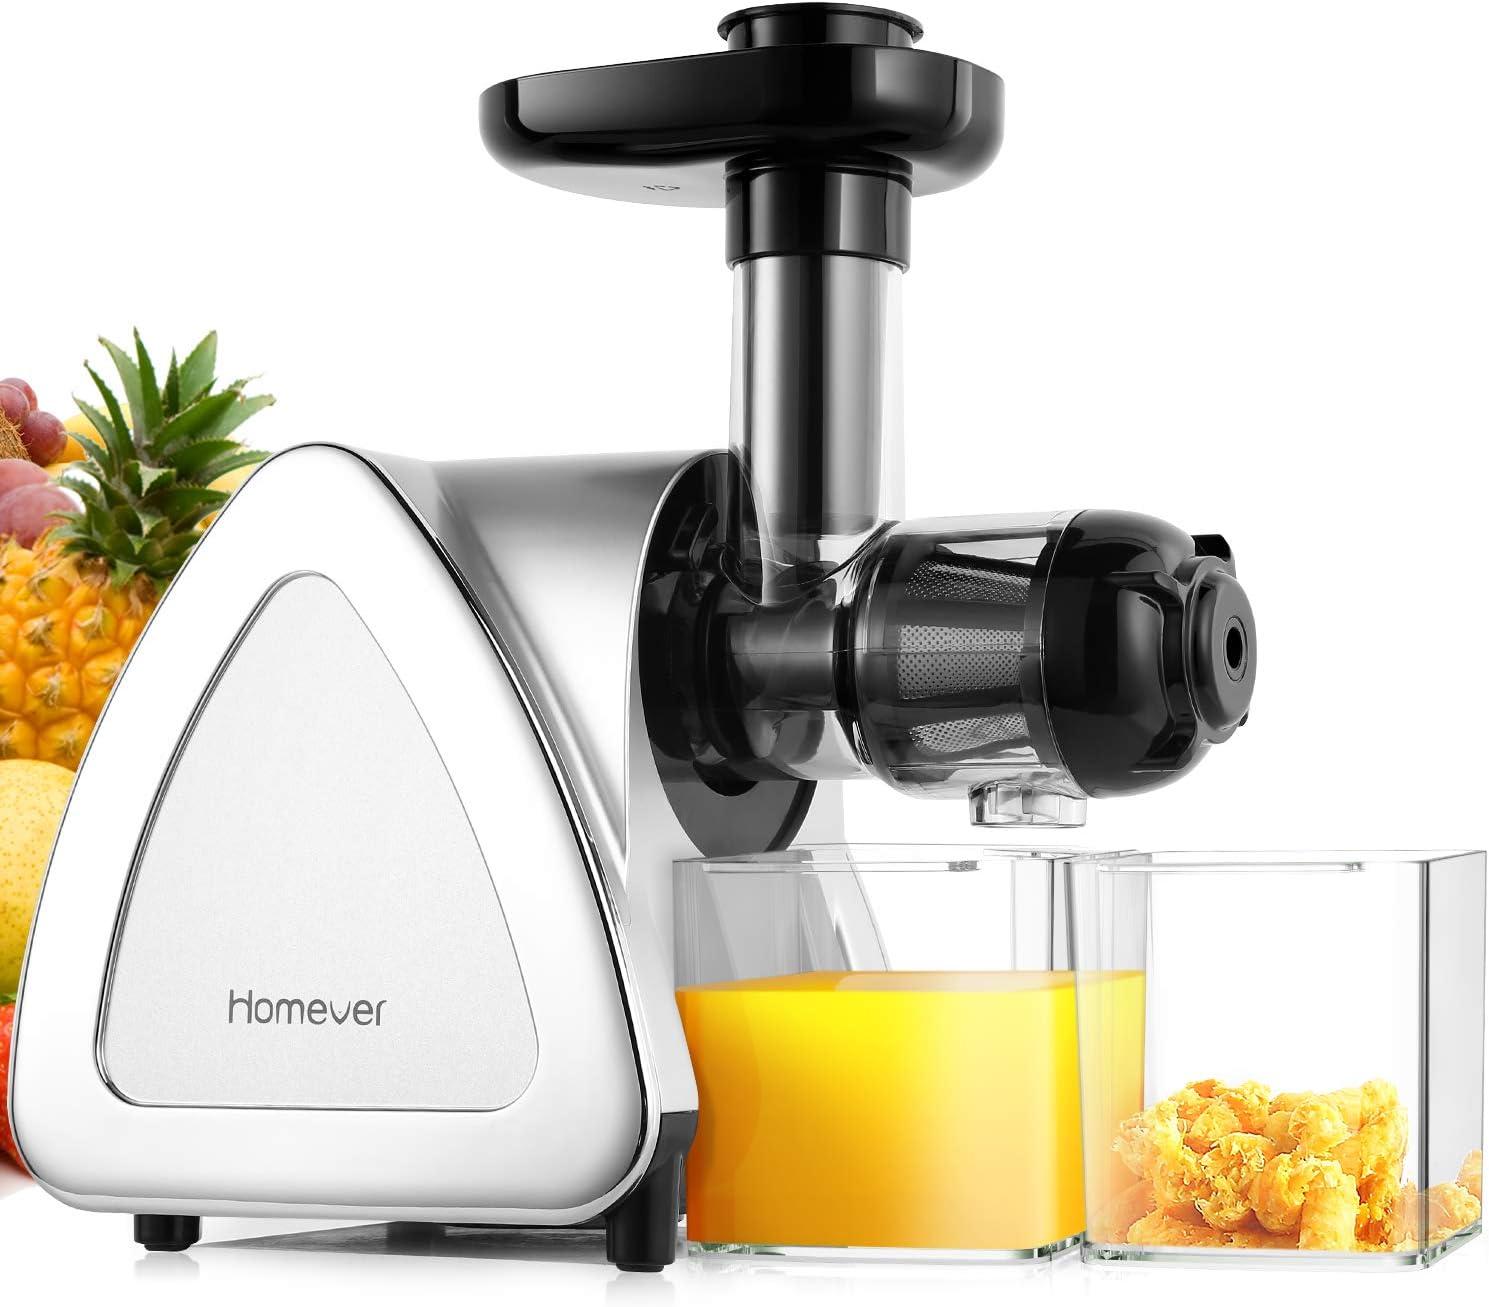 Homever Licuadora prensado frio, extractor de zumo licuadoras para verduras y frutas boca ancha extractor de jugo con motor silencioso función inversa (78mm)